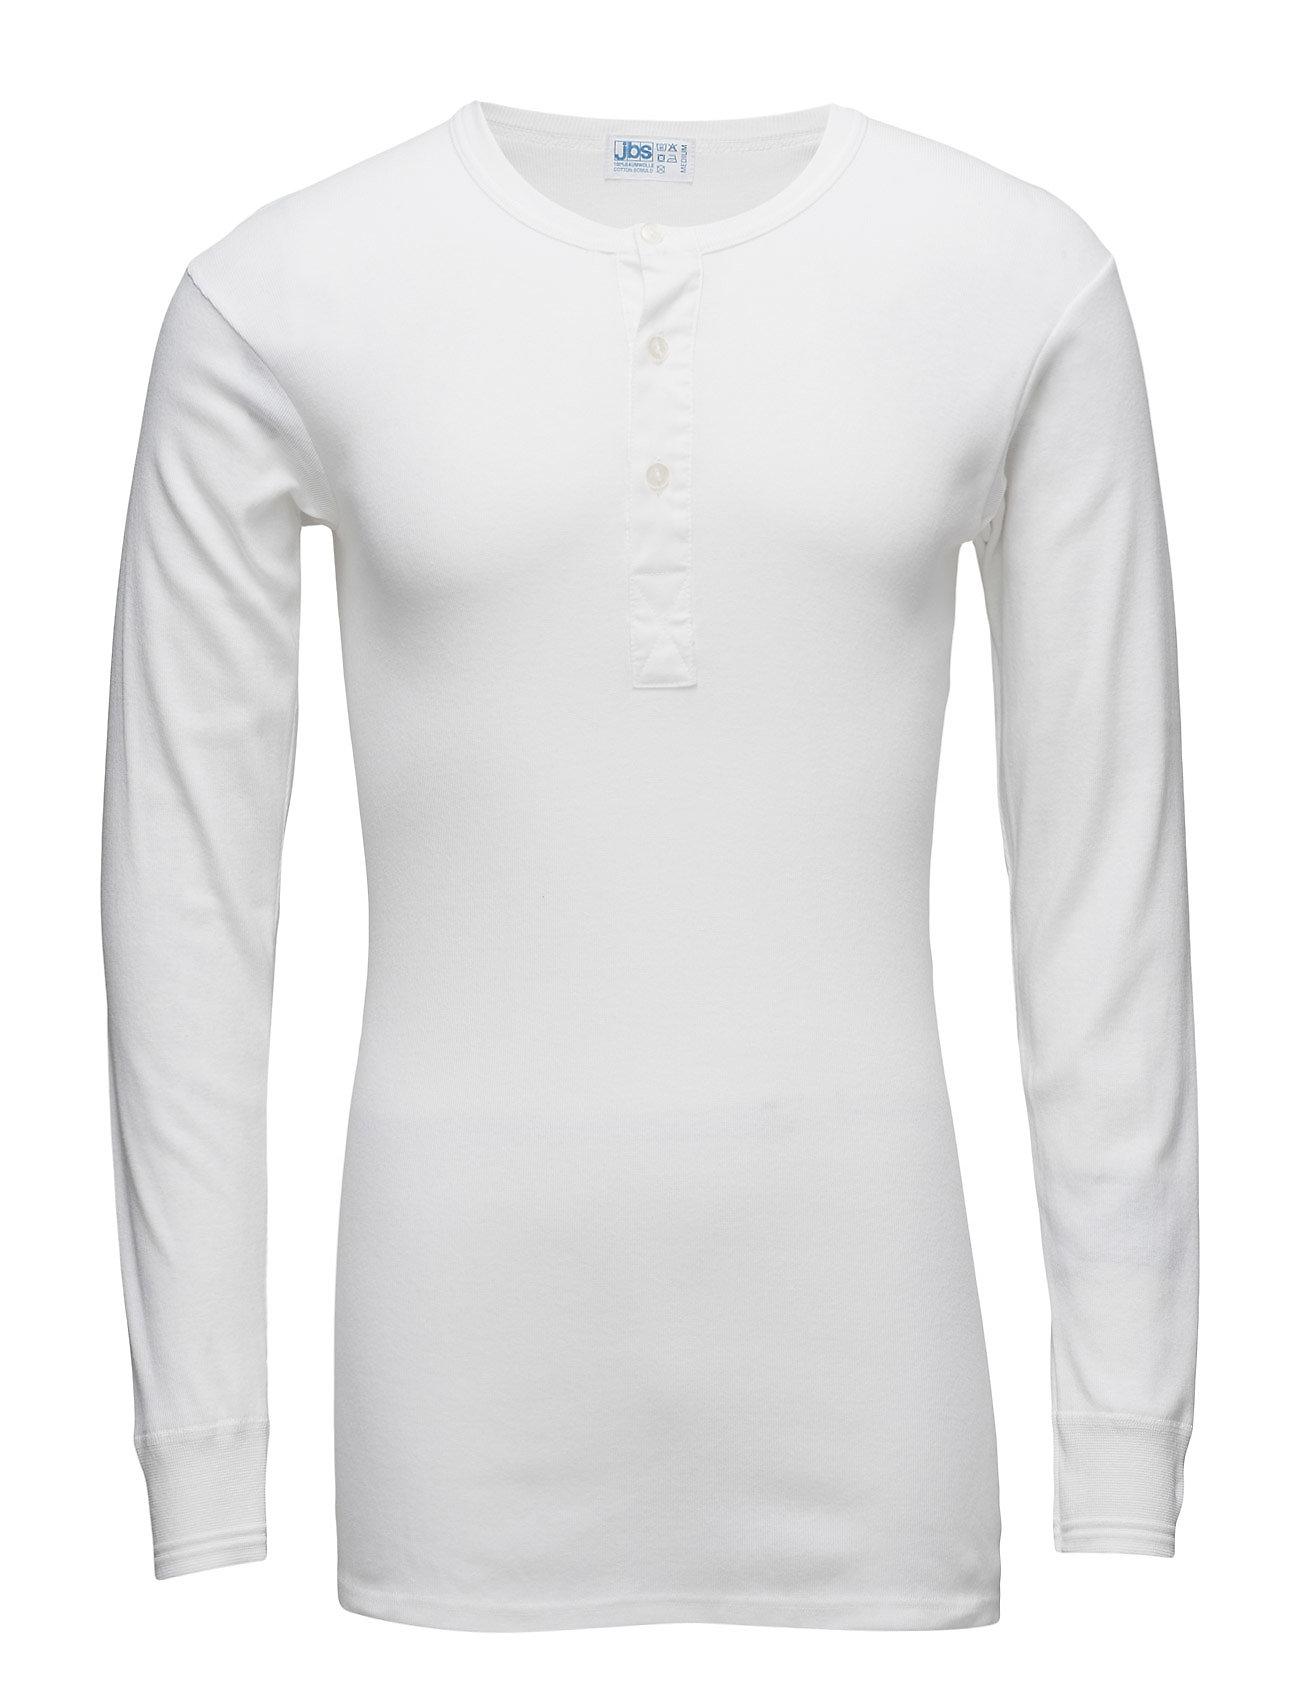 JBS Original longsleeve buttons - WHITE